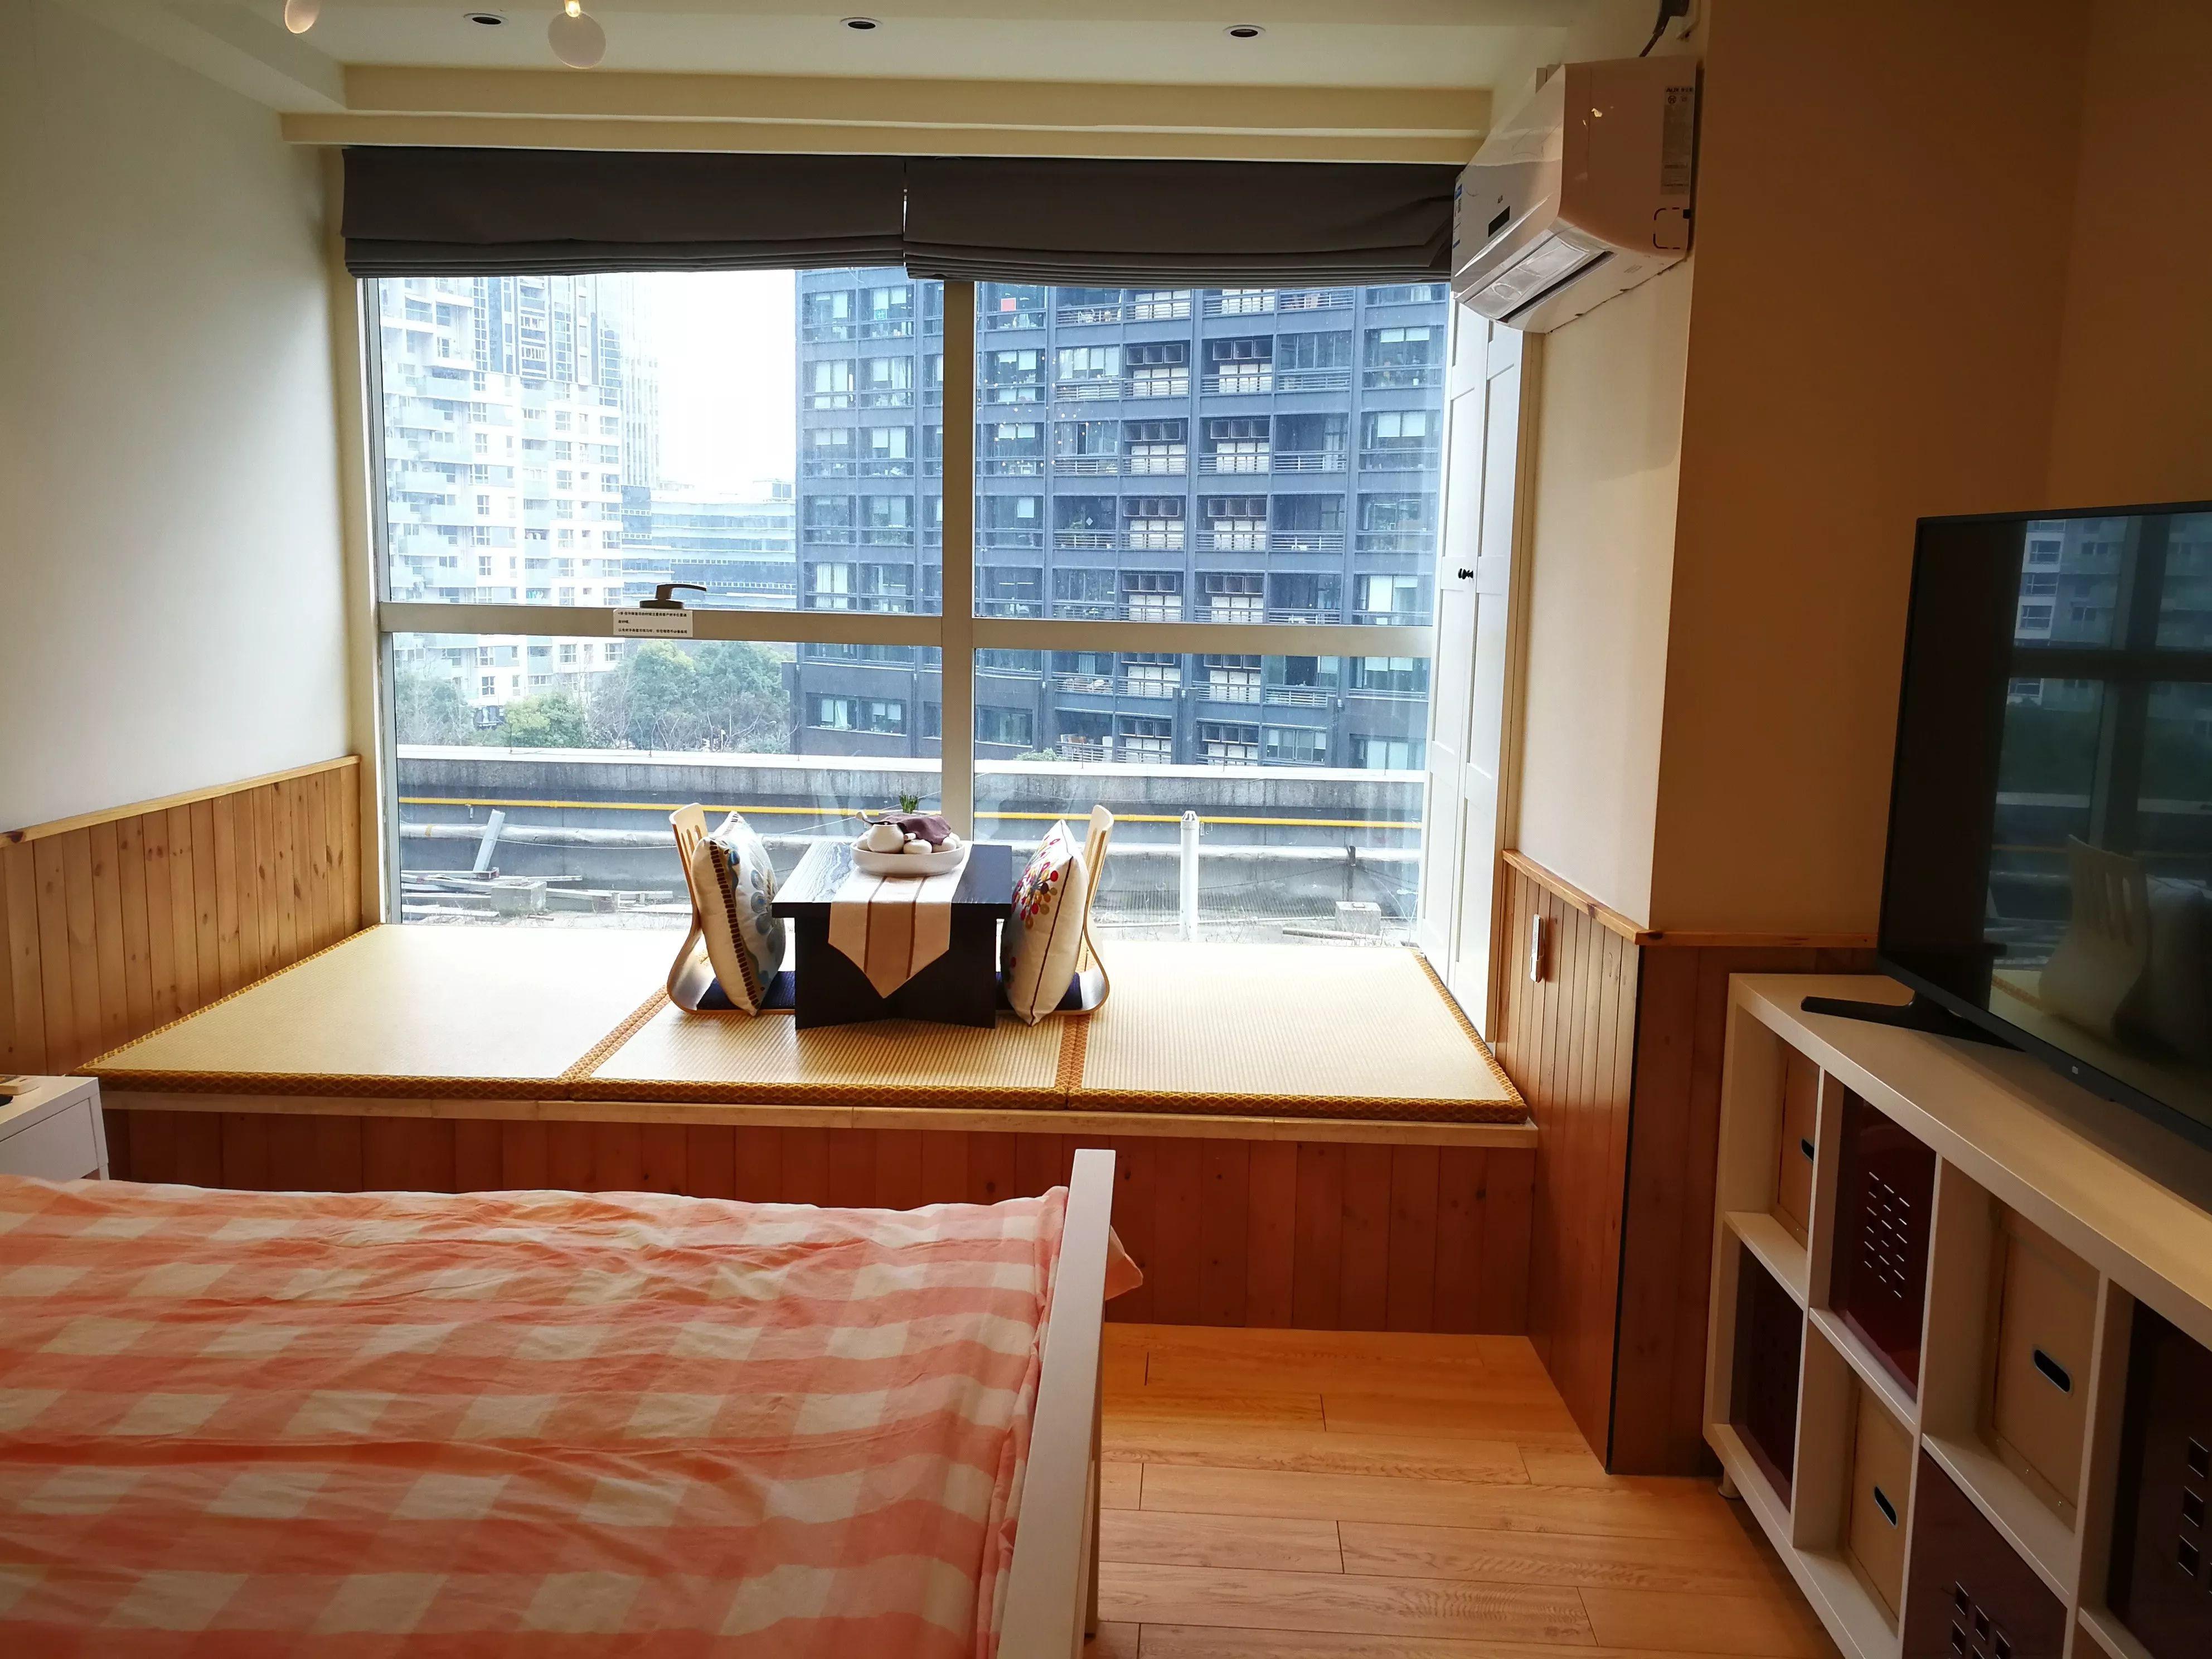 望江 钱江国际商务中心 1室 1厅 59平米 整租